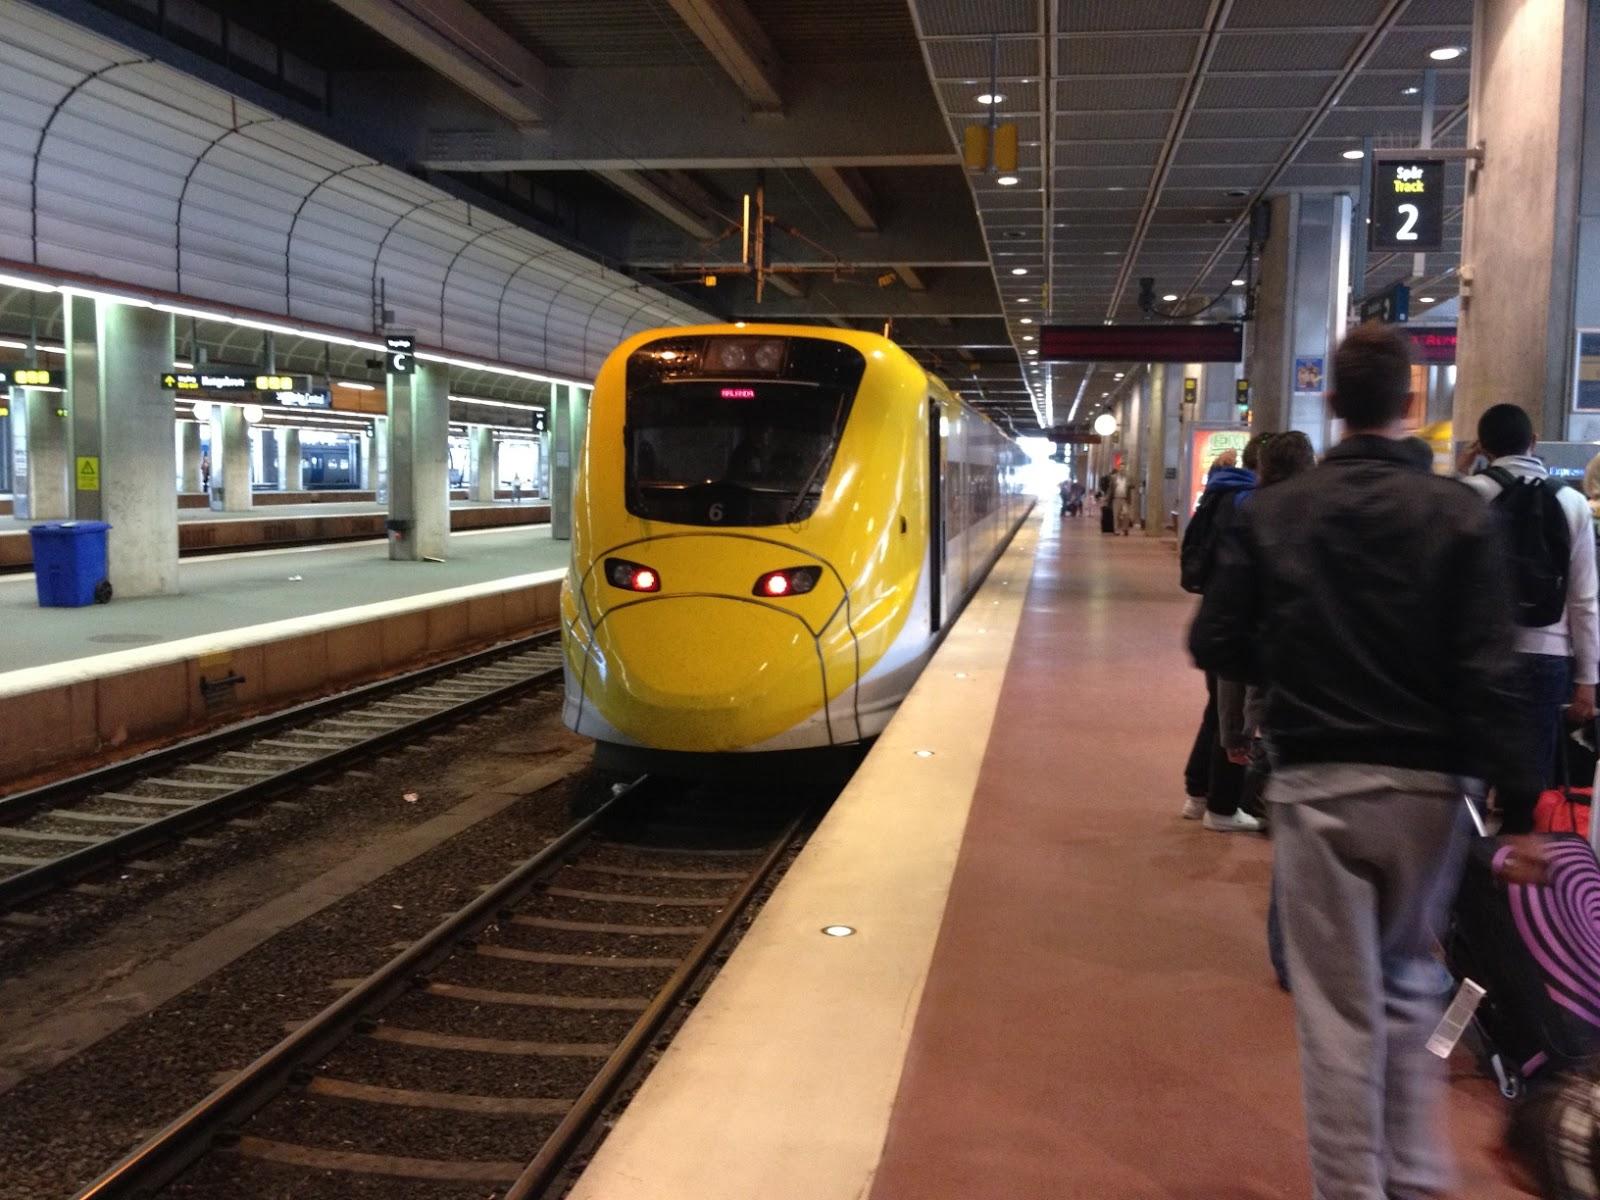 Arlanda train